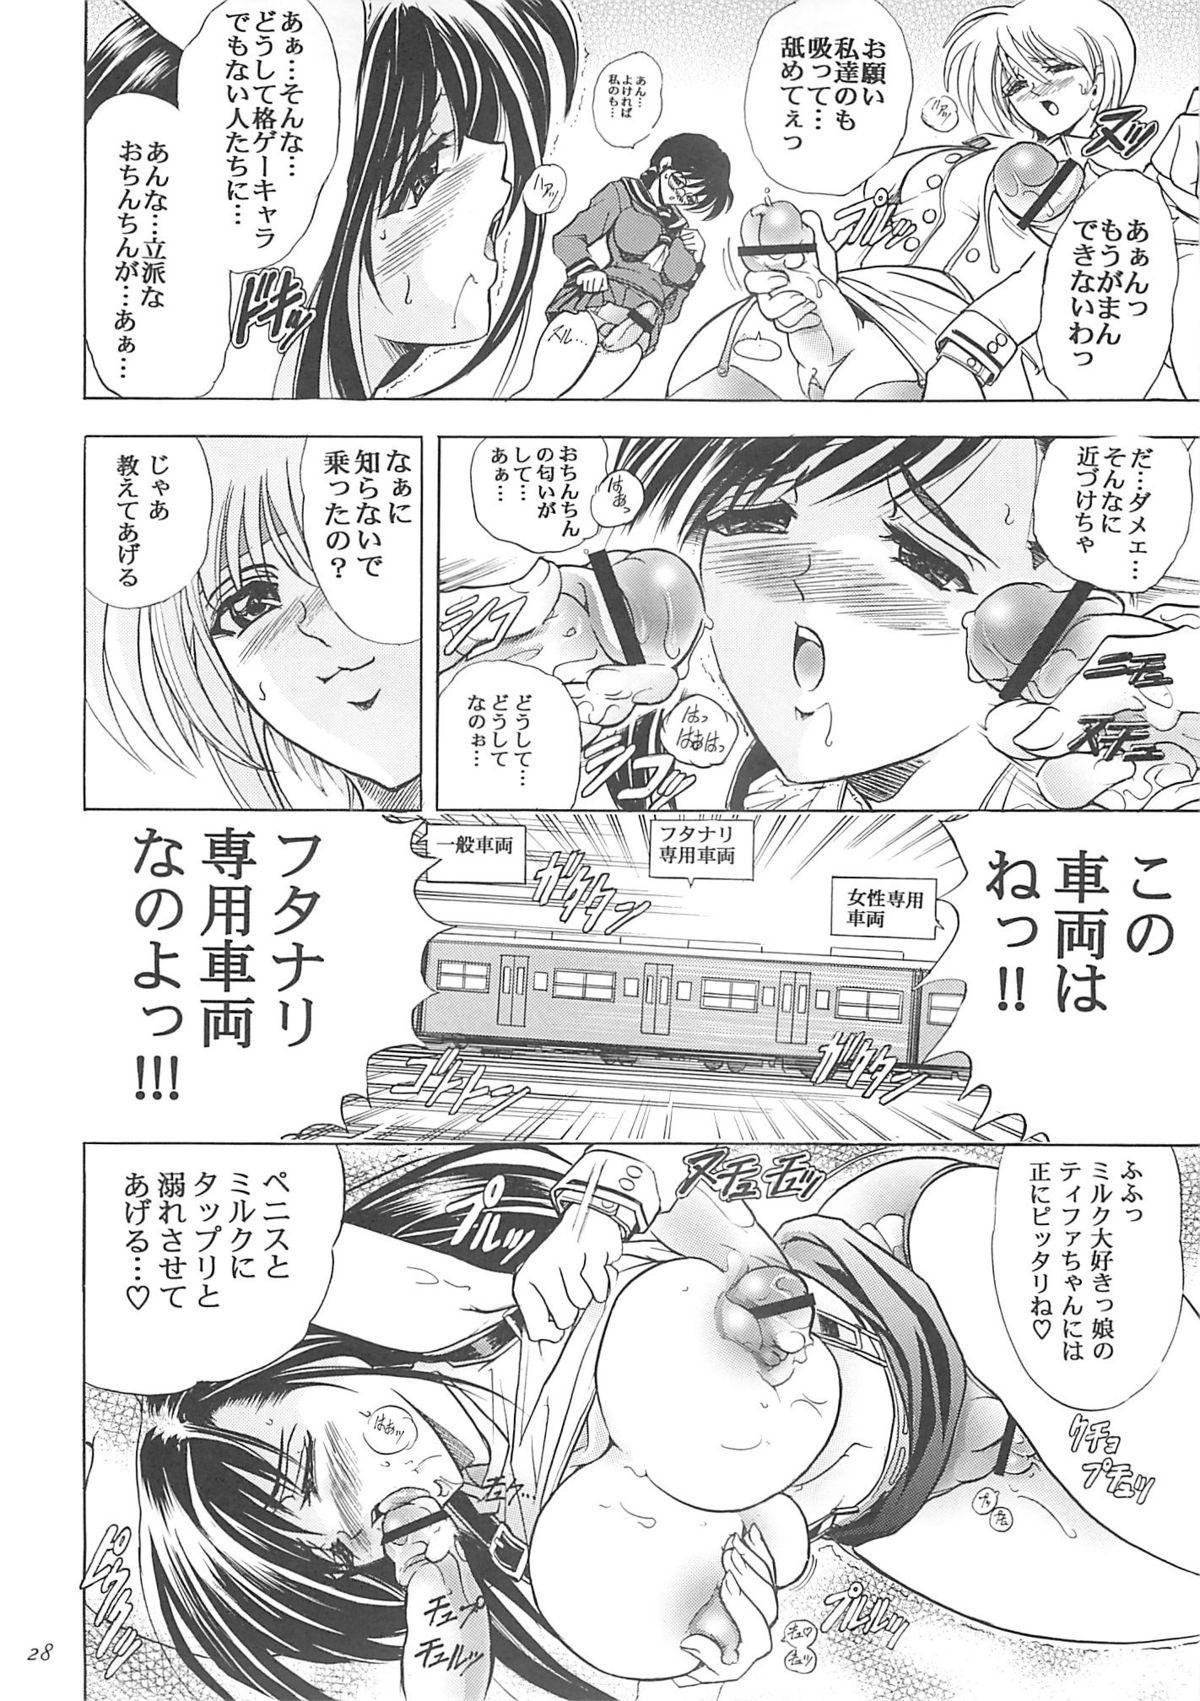 (C65) [Kawaraya Honpo (Kawaraya A-ta)] Hana - Maki no Nana - Hibana (Dead or Alive, Final Fantasy VII, Street Fighter) 26